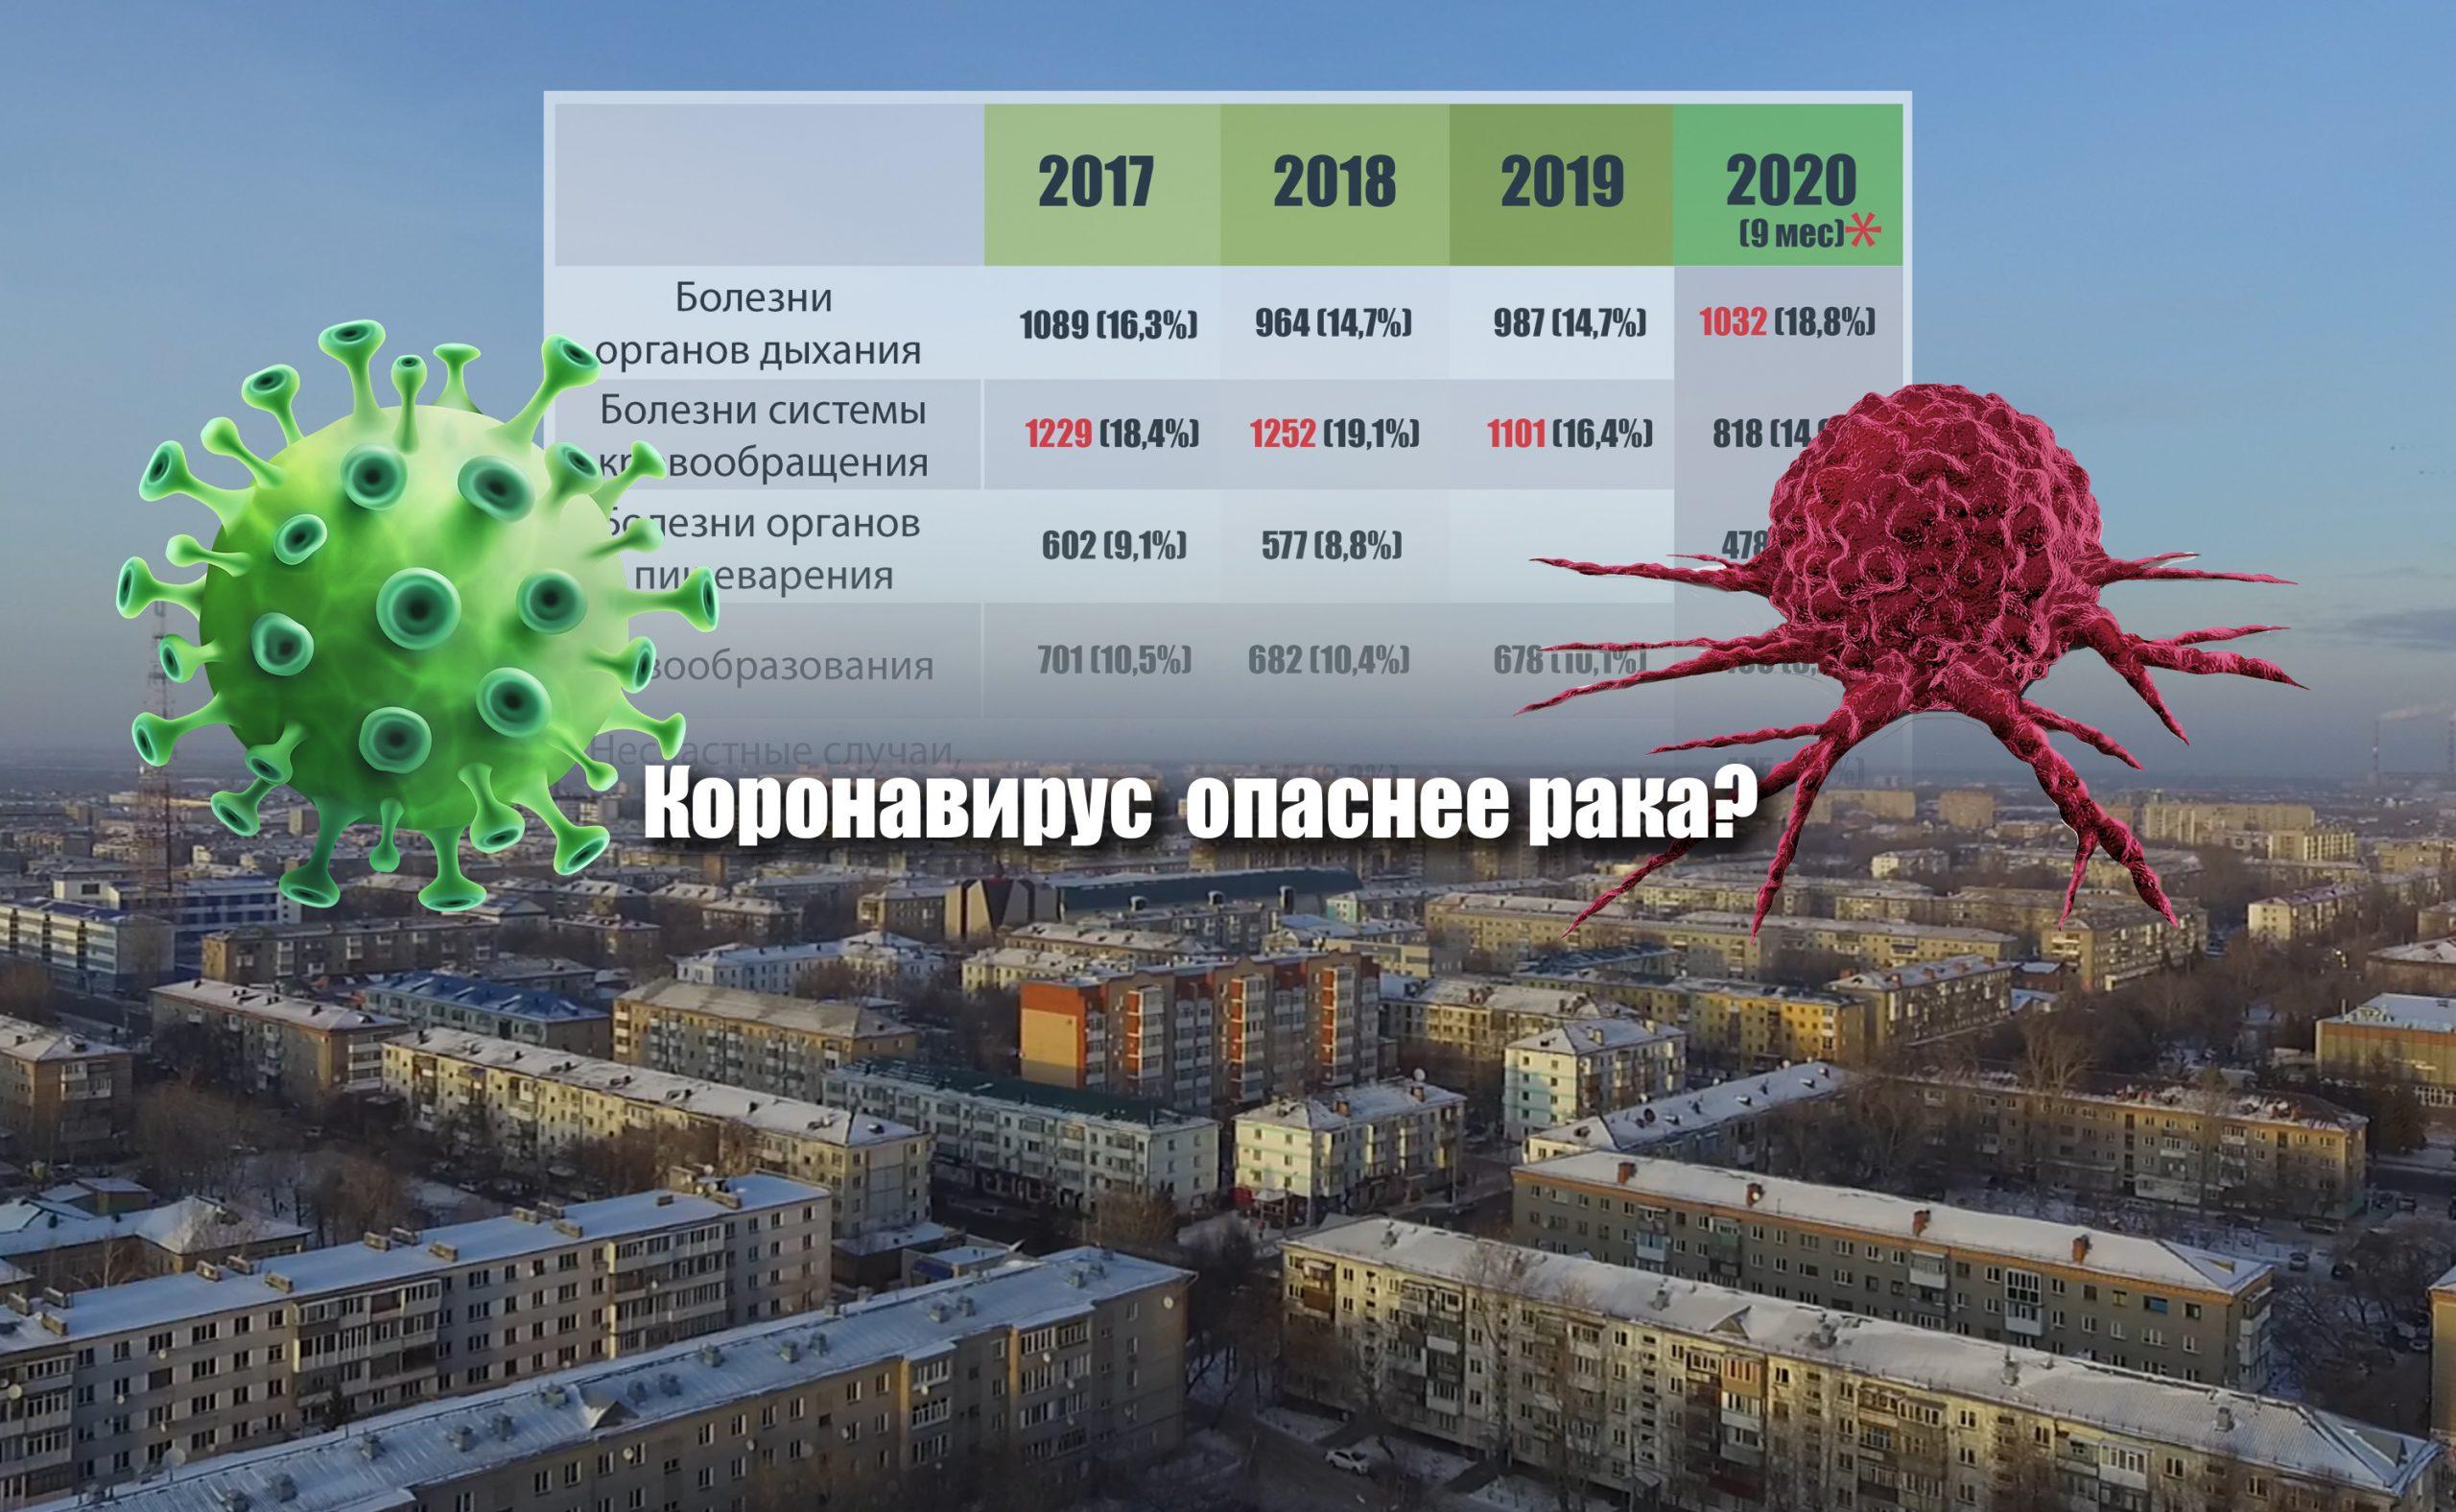 Коронавирус против рака: от чего чаще умирают на севере Казахстана